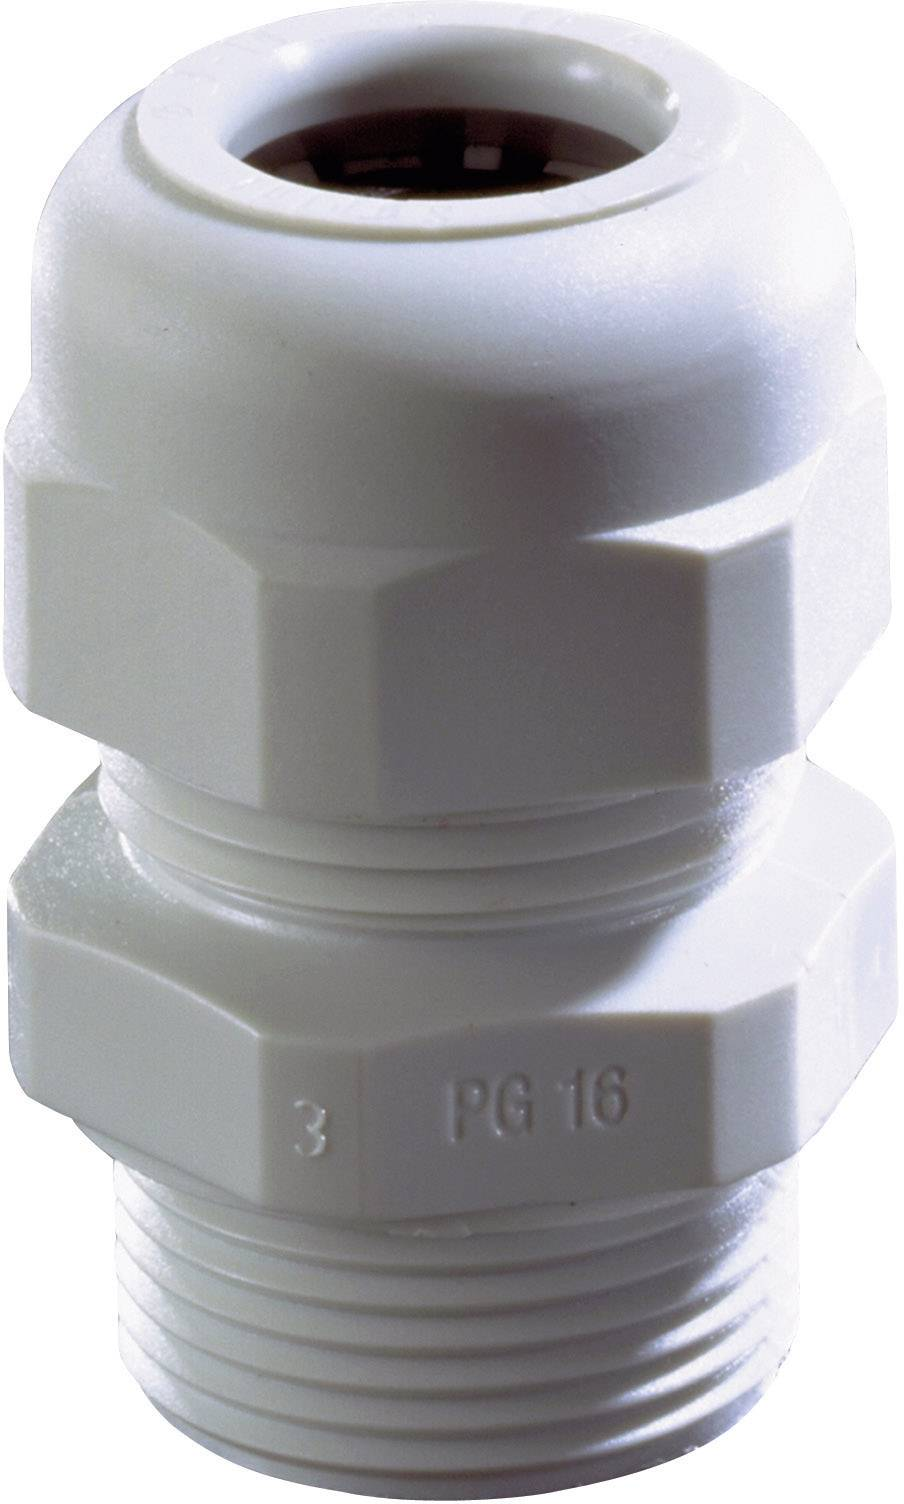 Káblová priechodka Wiska SKV PG 7 RAL 7035, polyamid, svetlo sivá, 1 ks